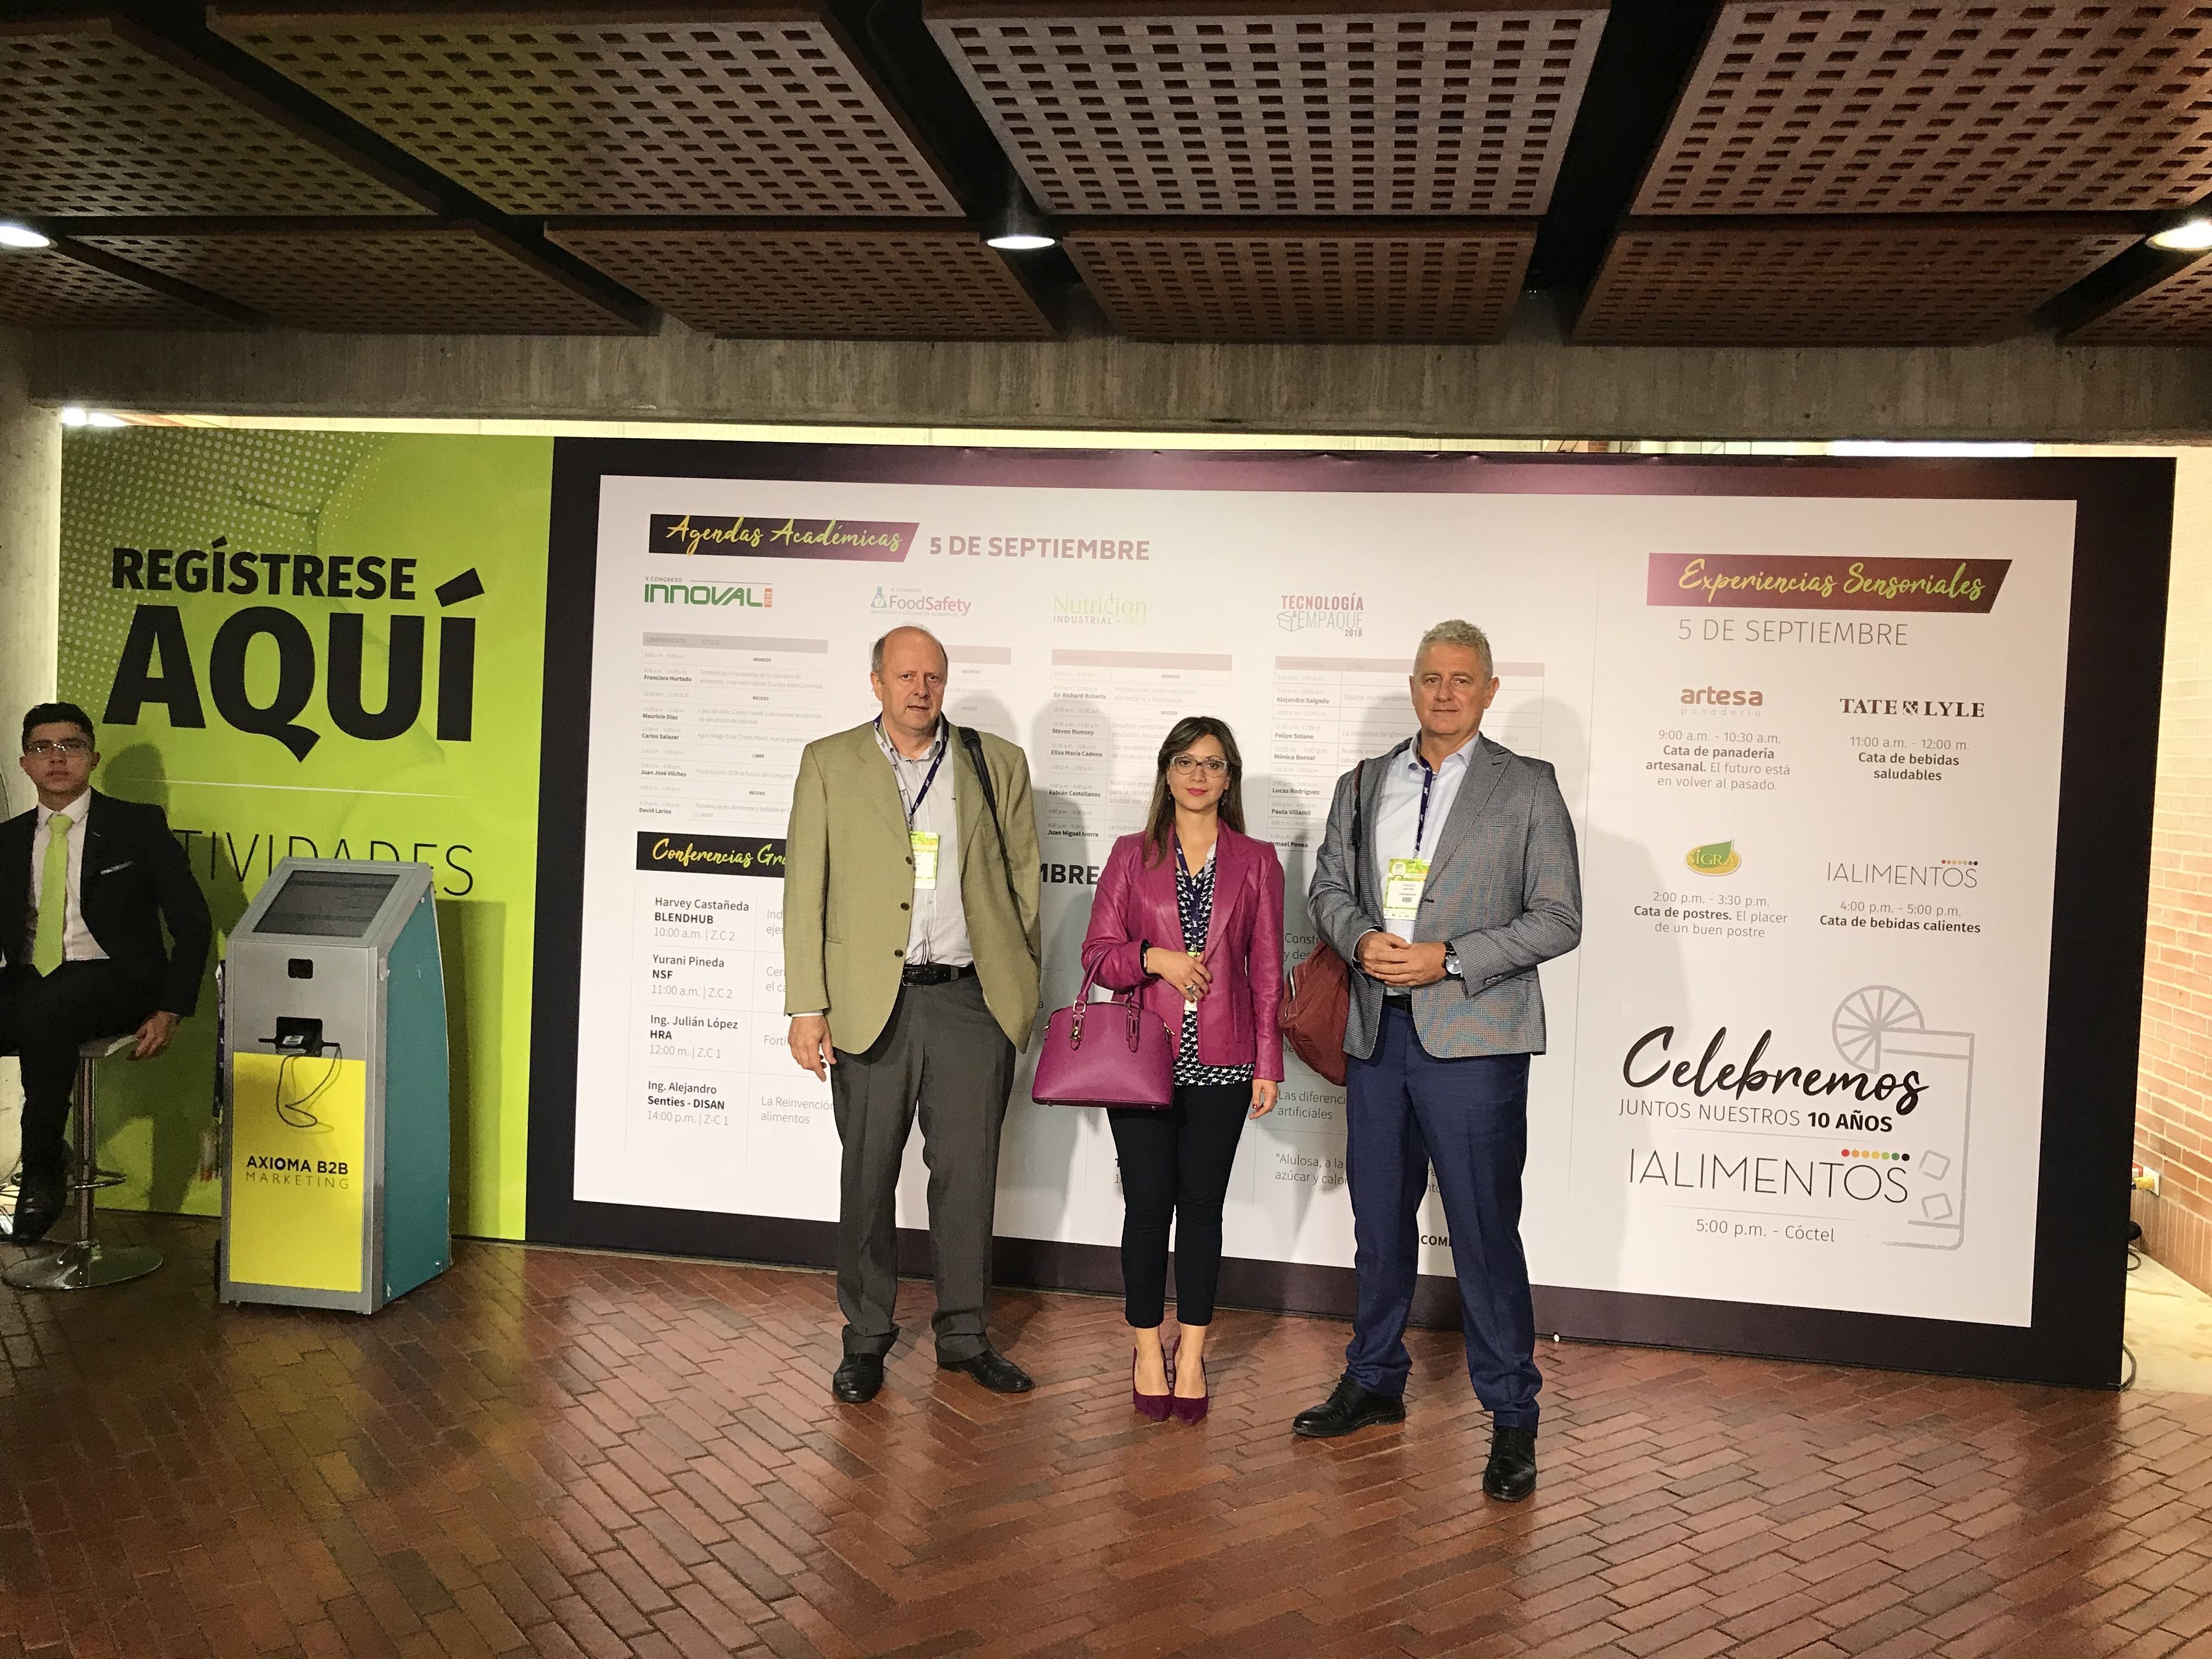 Gémina takes part as guest in EXPO IALIMENTOS 2018 in Bogotá